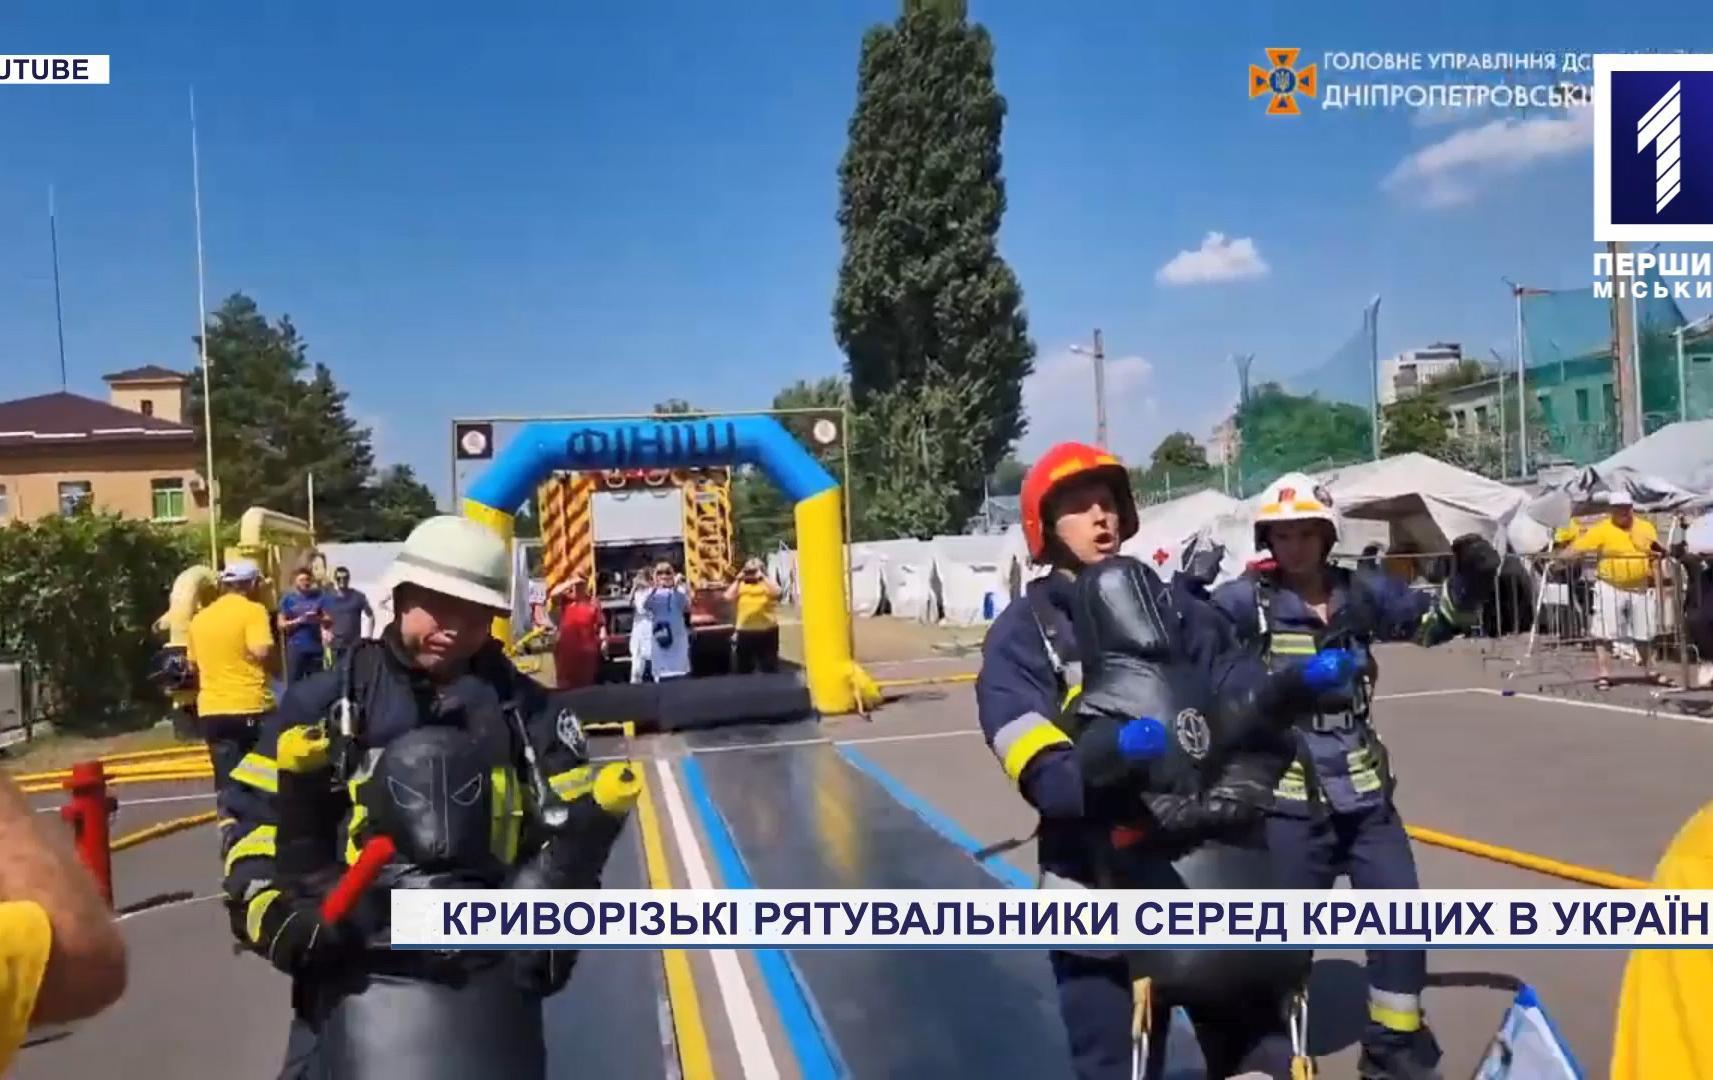 Криворізькі рятувальники здобули перемогу на Всеукраїнських змаганнях